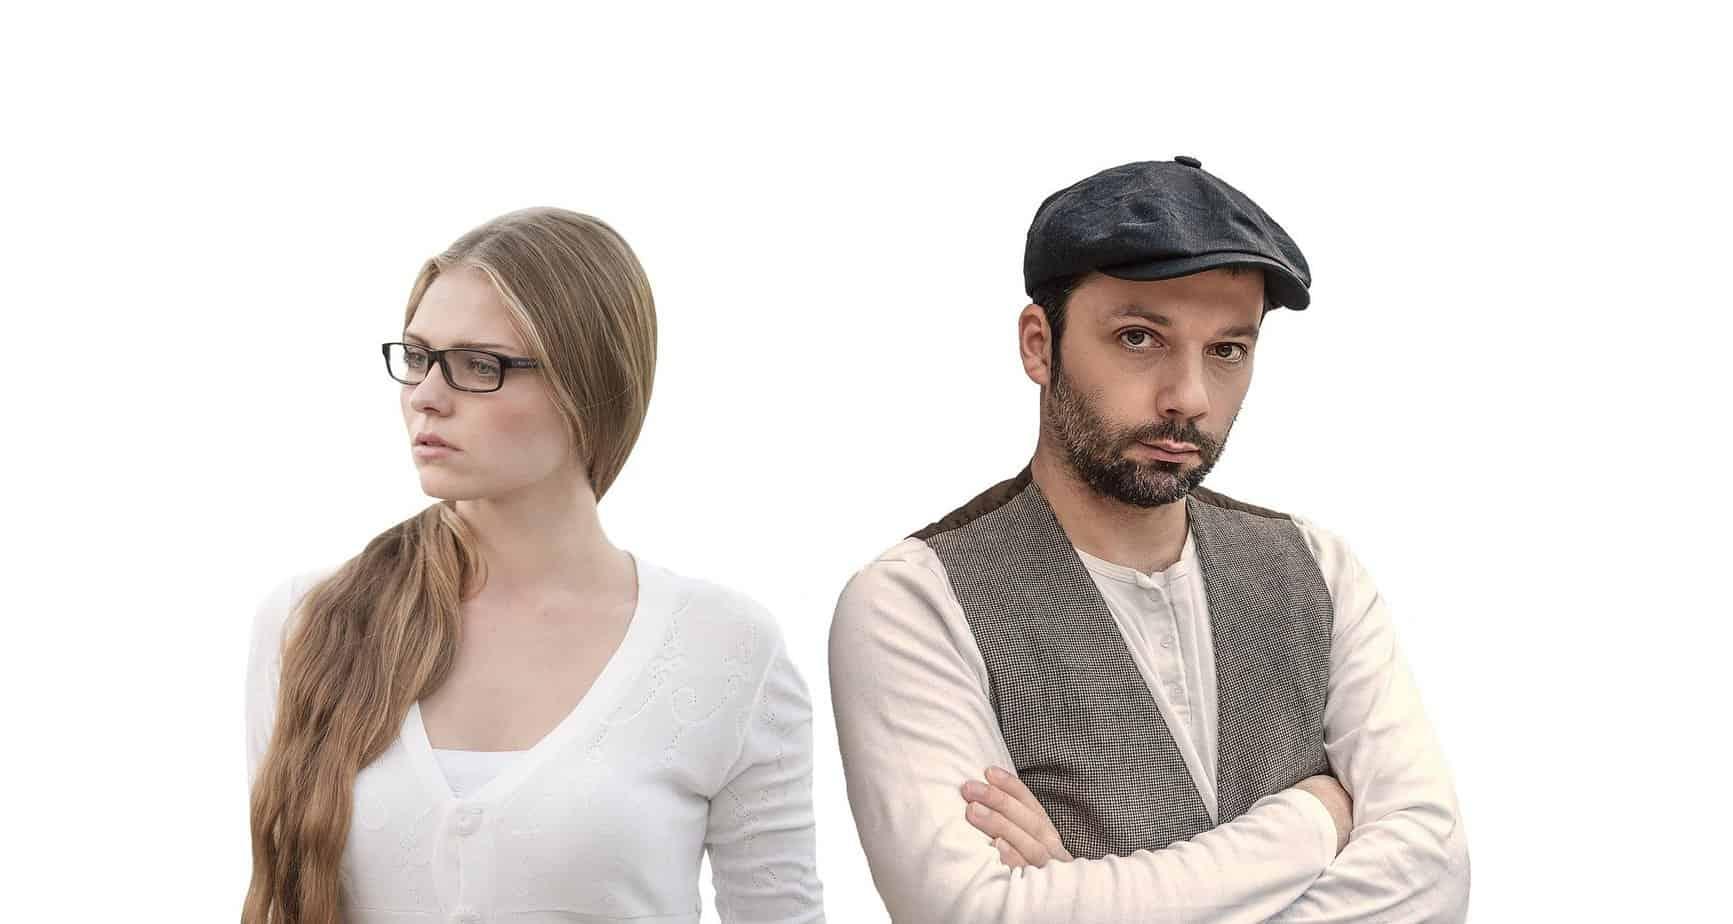 La famille en danger : un mauvais comportement dans votre relation amoureuse